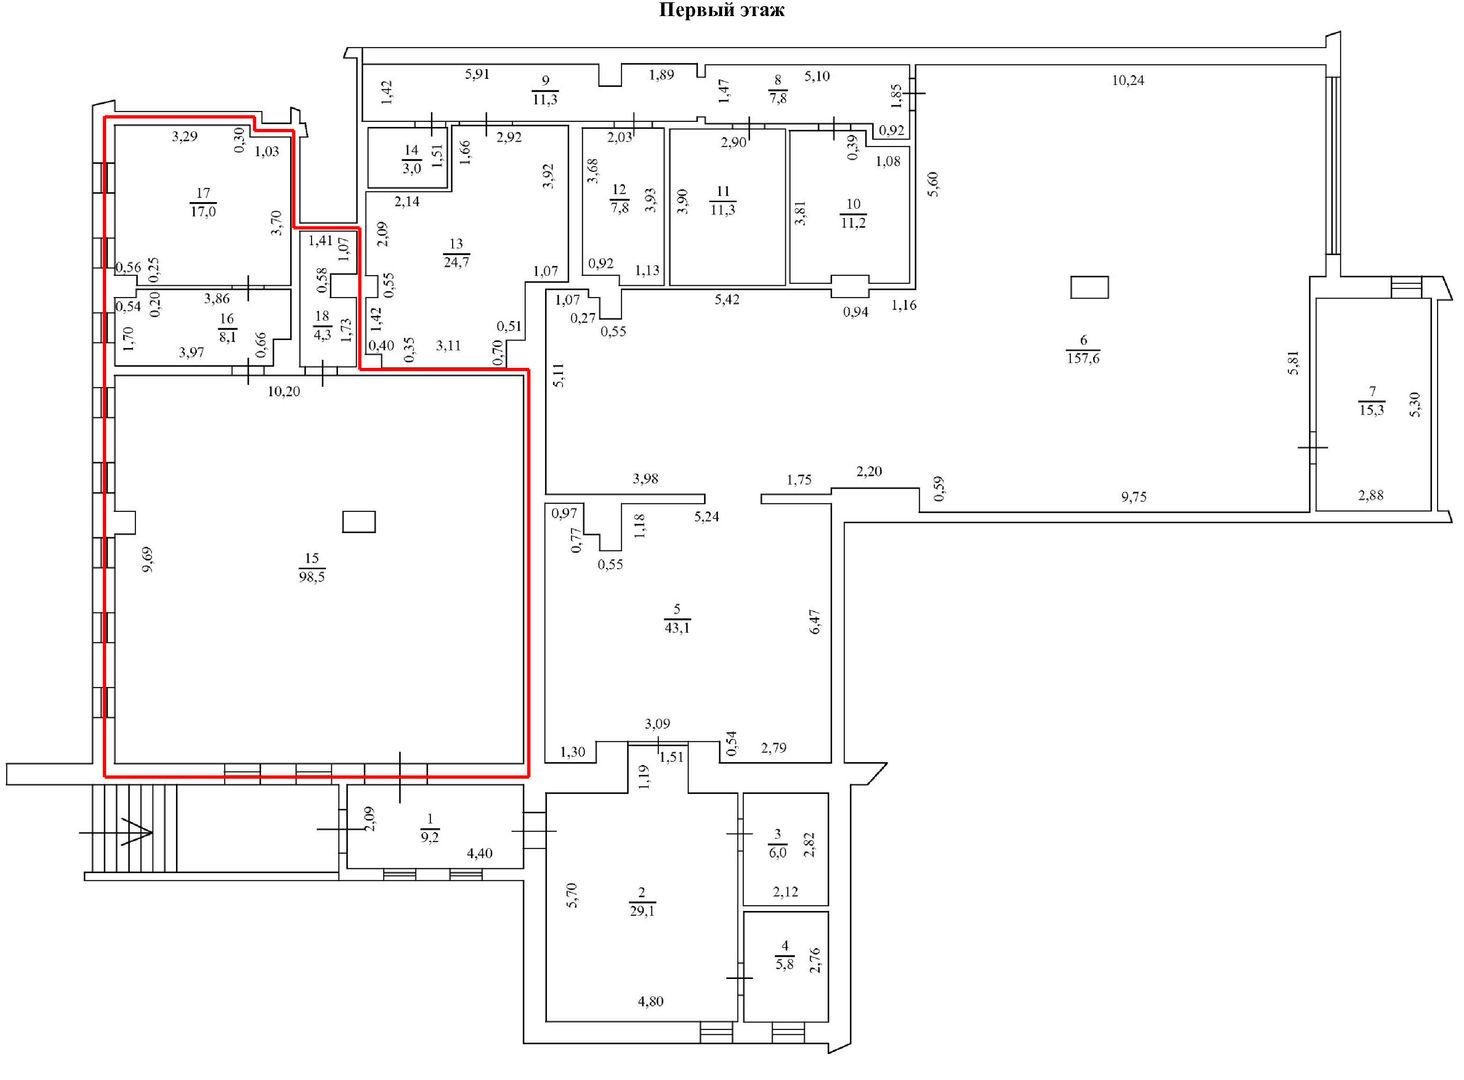 Сдам торговую площадь, 127,8м²